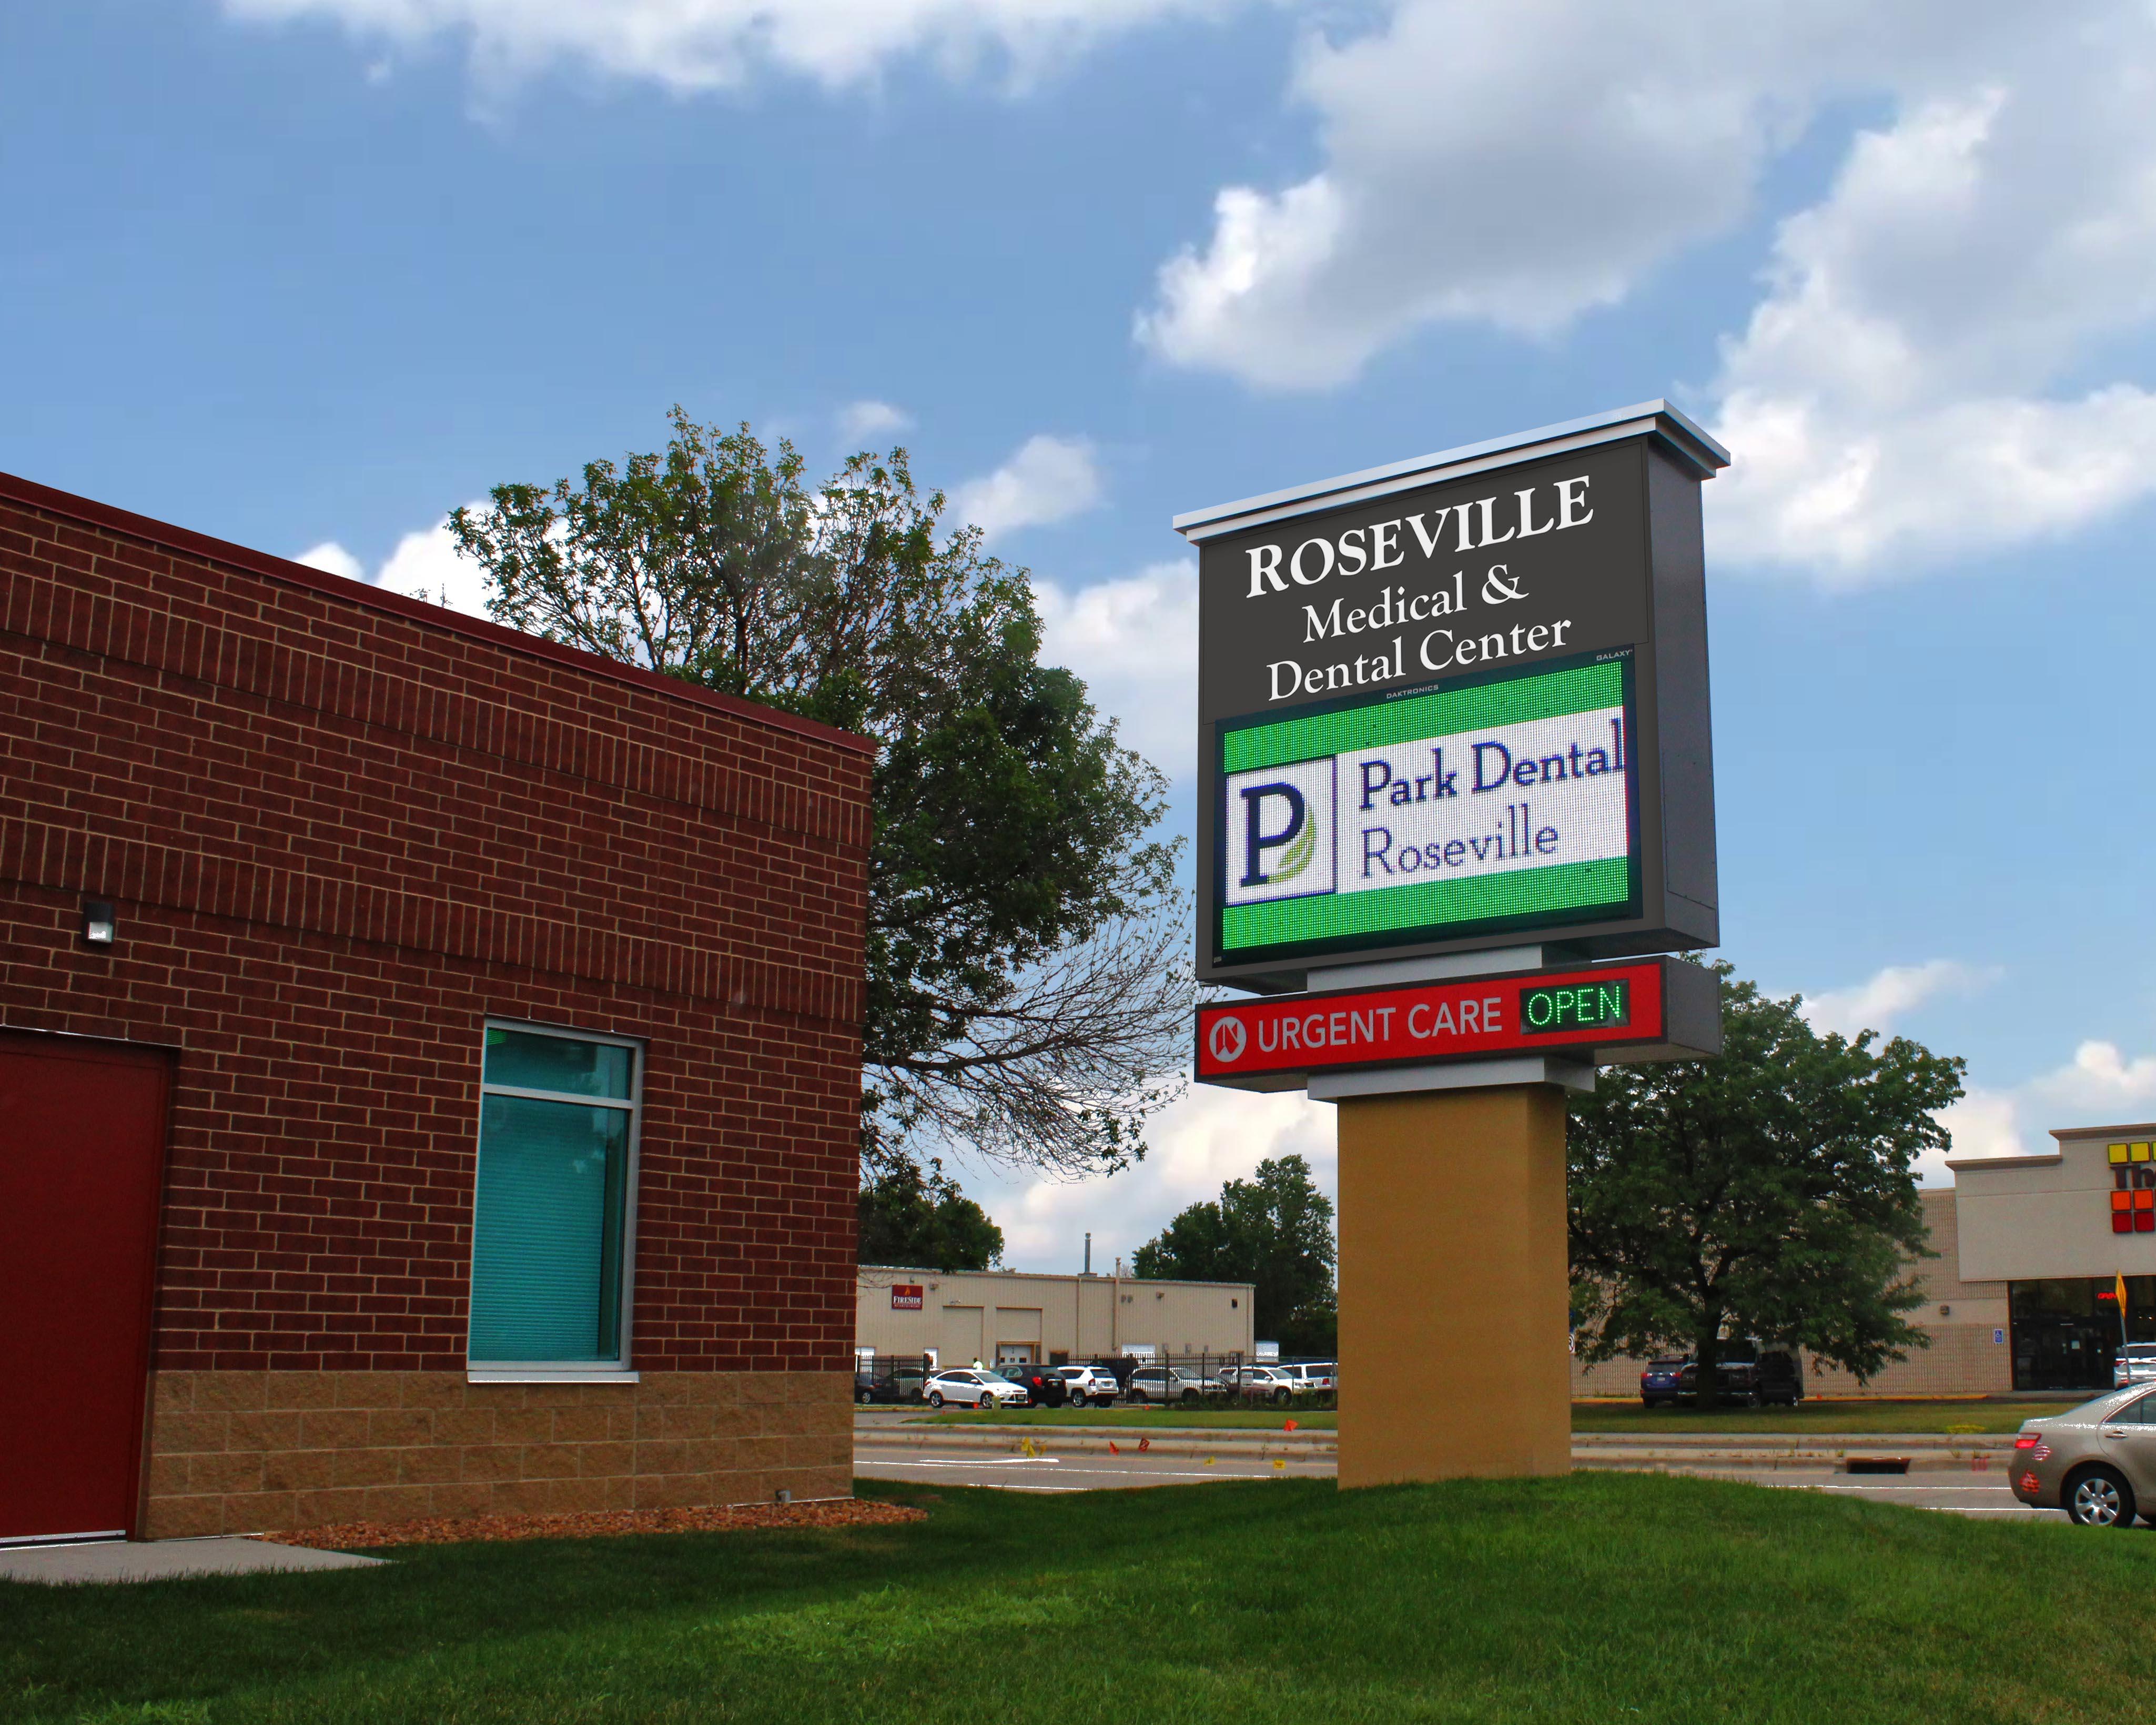 Roseville Medical & Dental Pylon.jpg